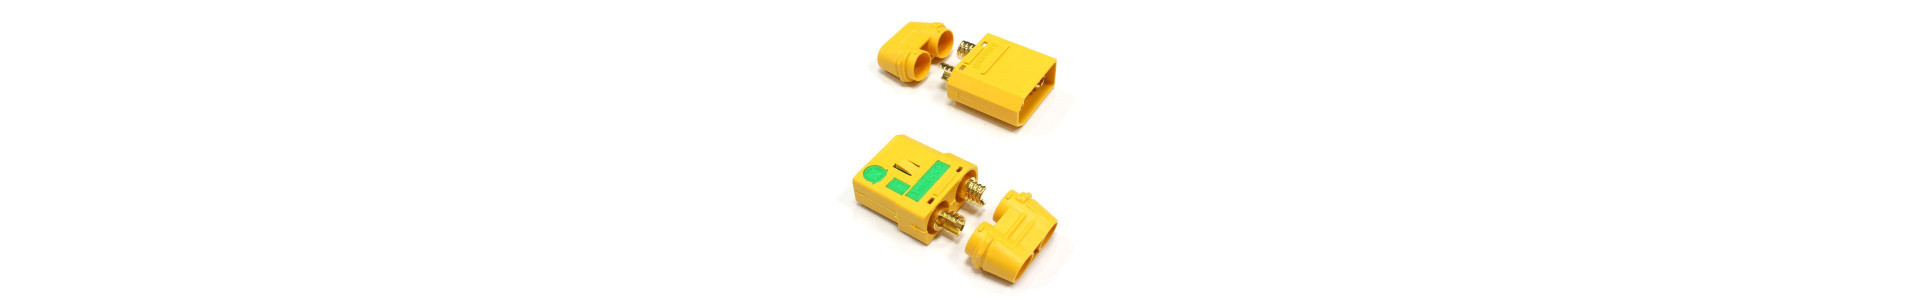 Accessori batterie Droni multi rotori